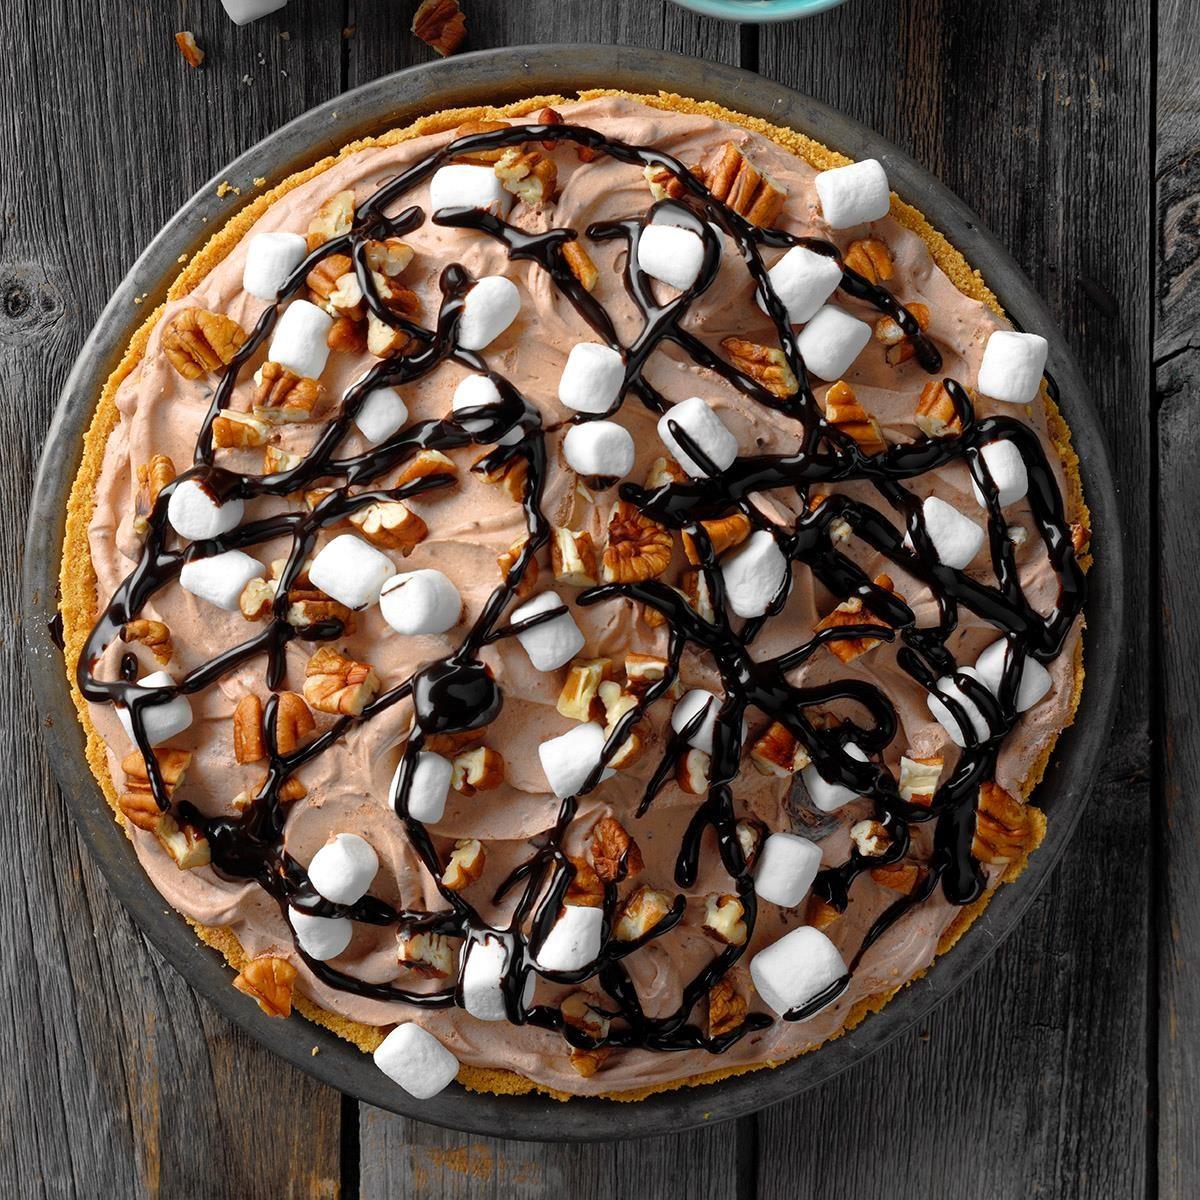 Freezer Pie